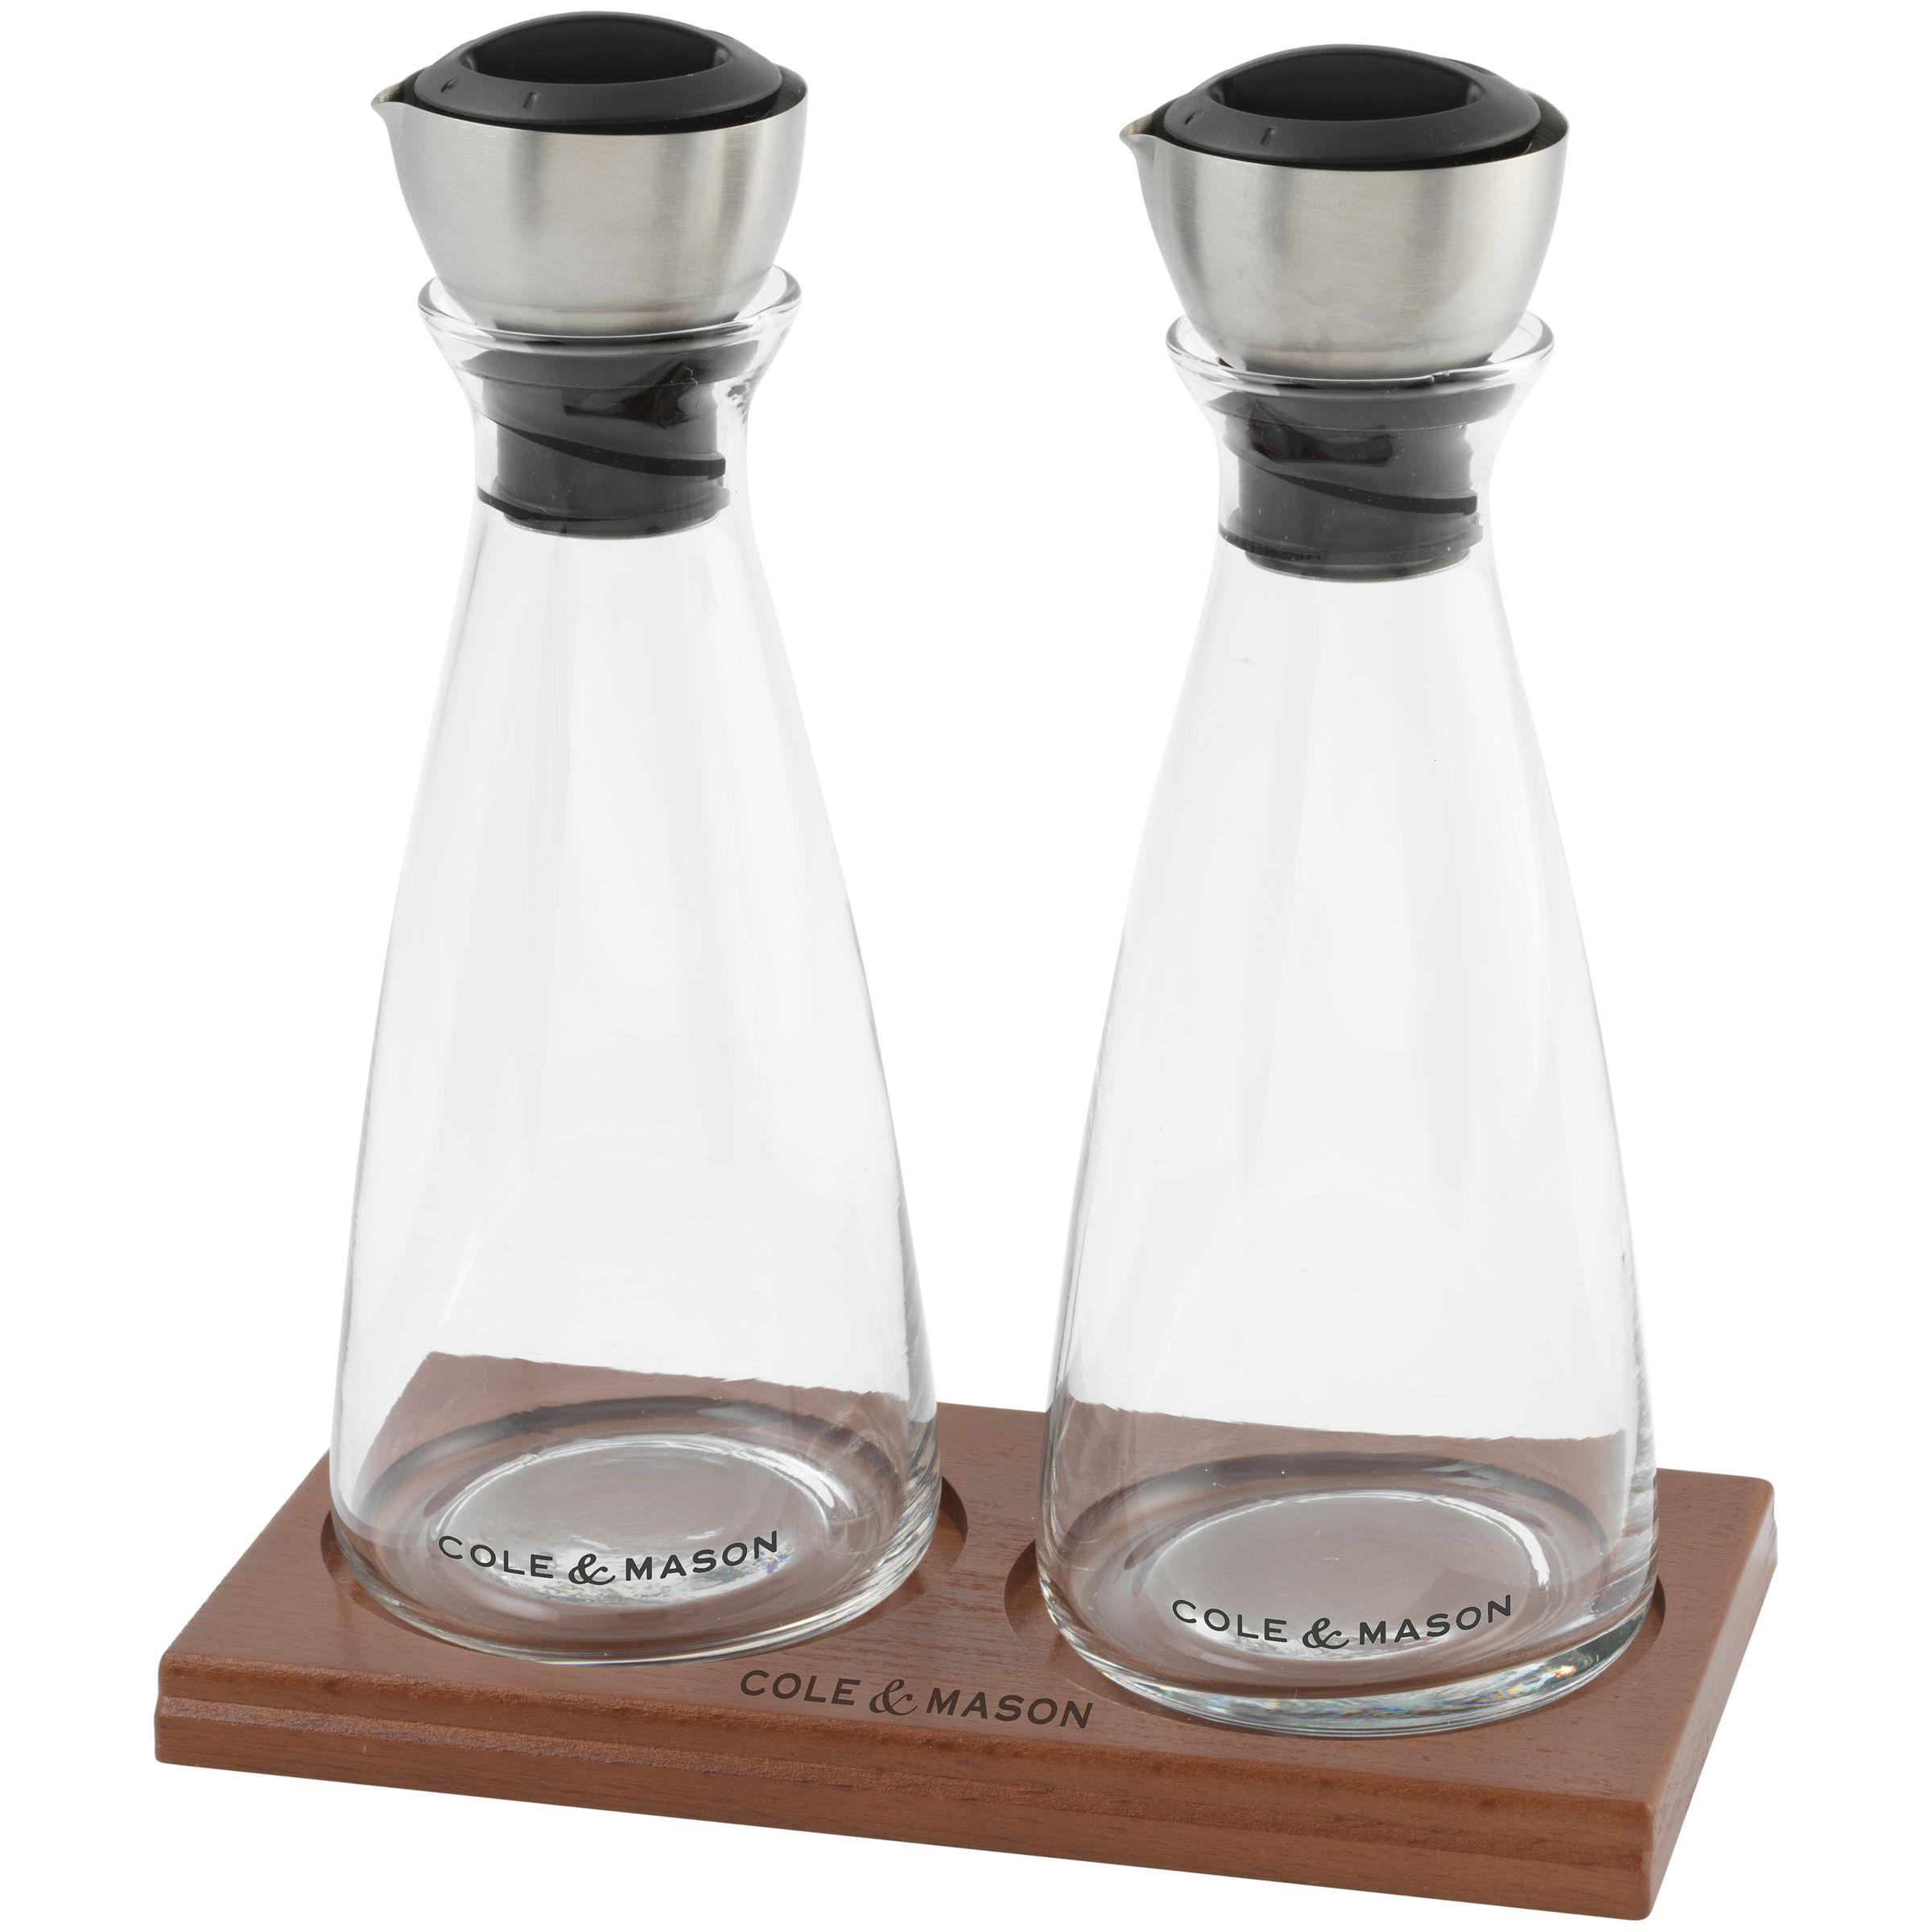 Cole & Mason Cole & Mason Flow Select, Oil and Vinegar Pourer Set